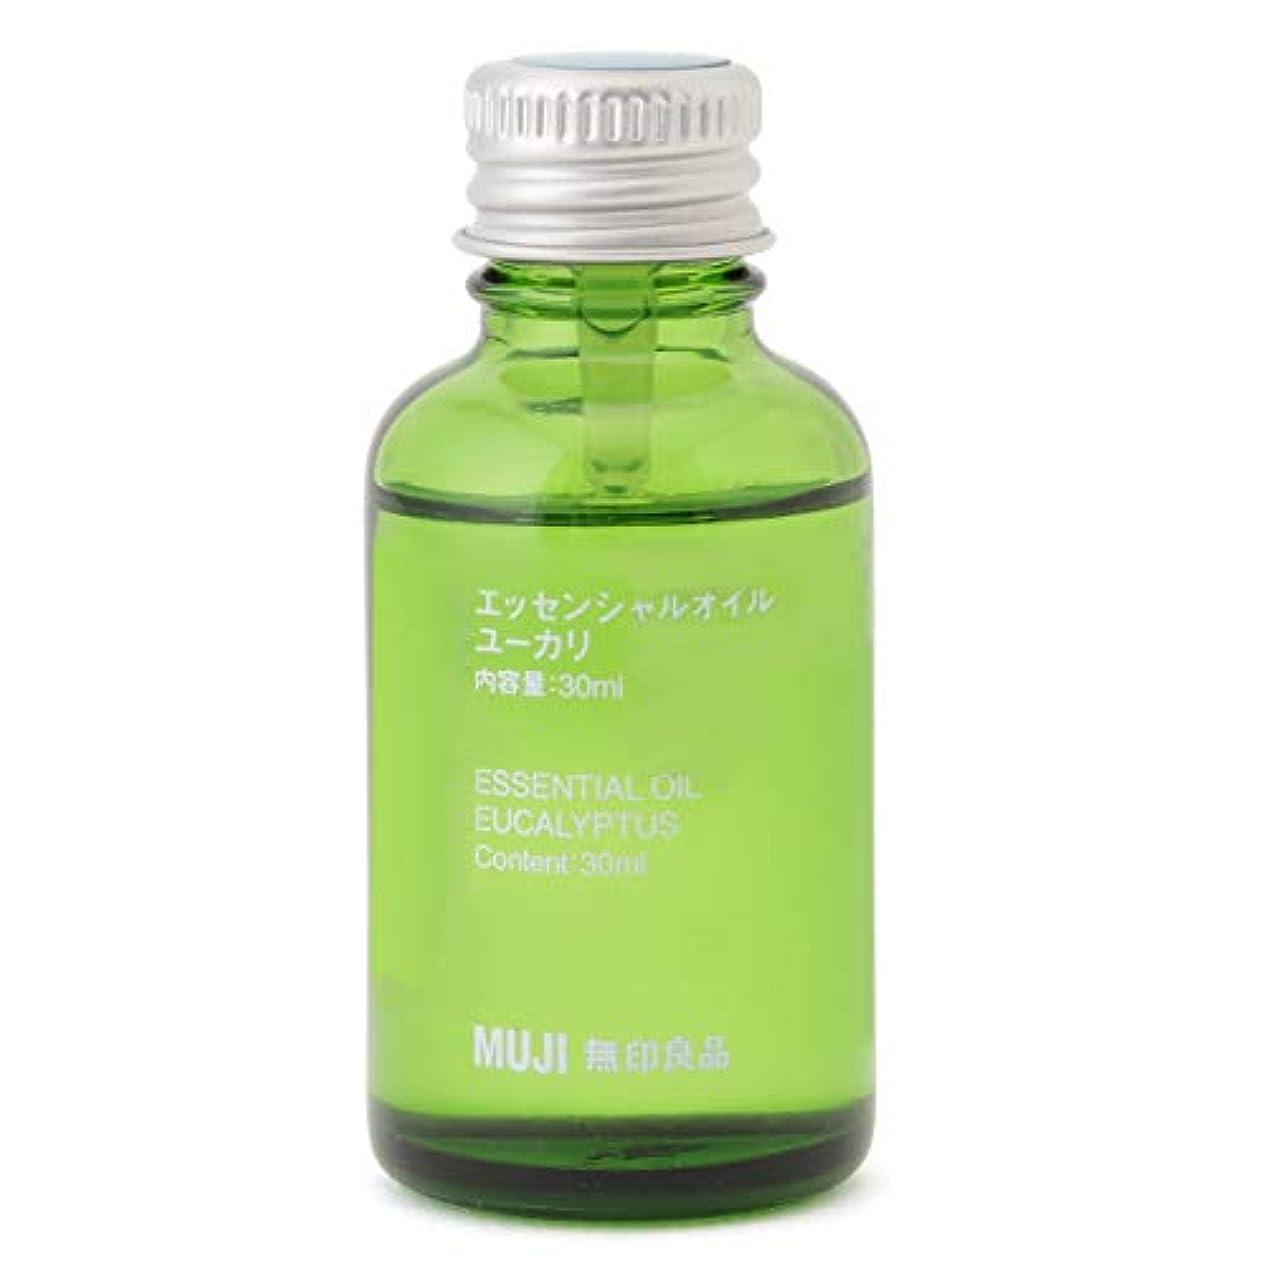 耐えられるハウス咳【無印良品】エッセンシャルオイル30ml(ユーカリ)